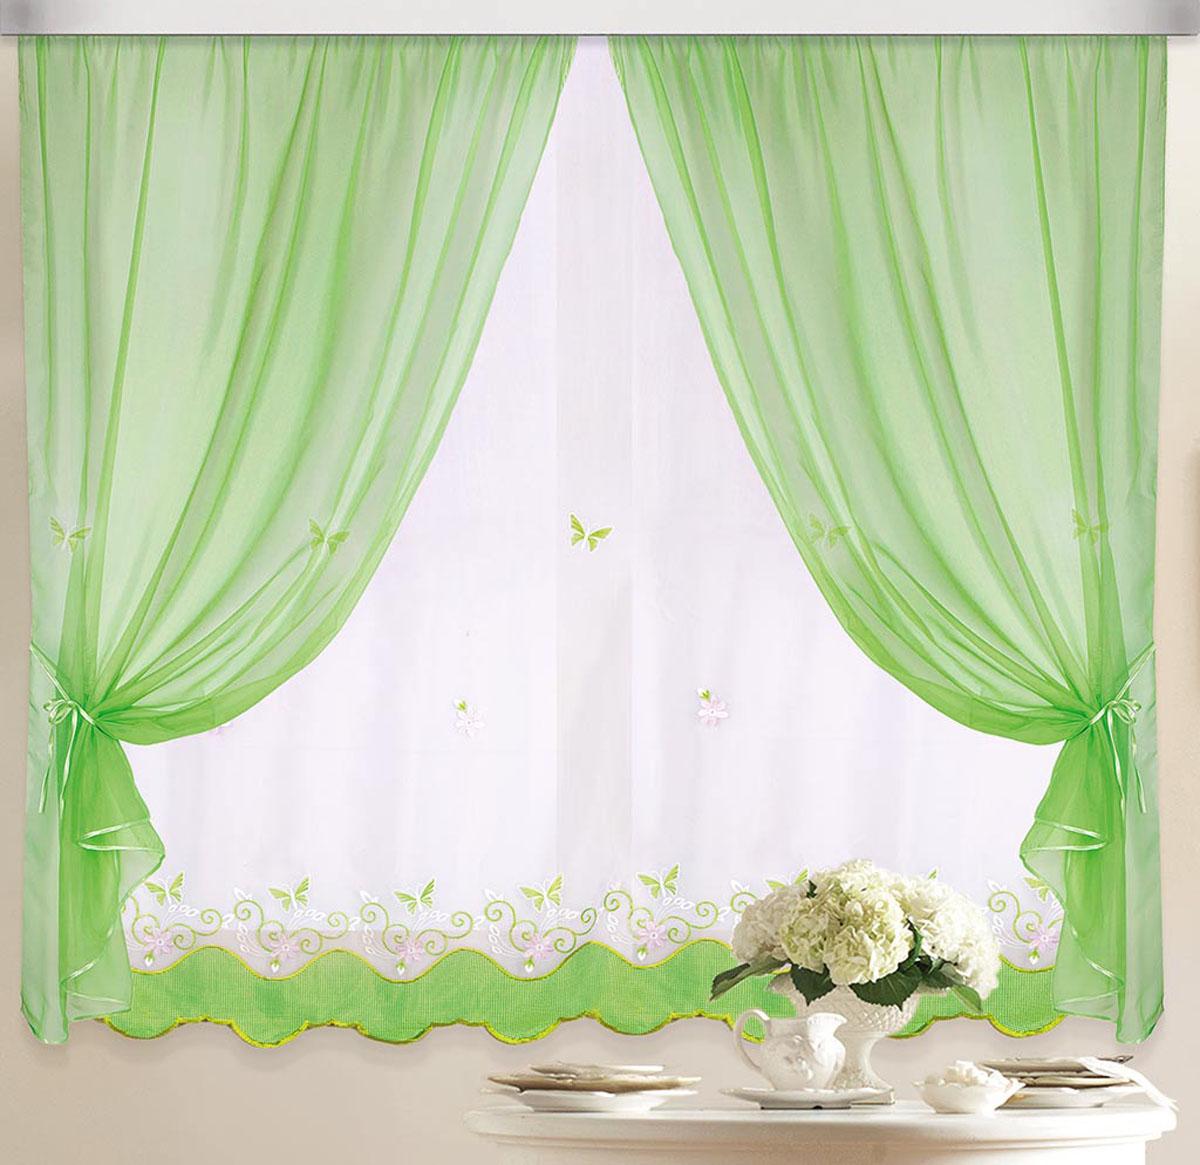 Штора Бабочка, на ленте, цвет: белый, салатовый, высота 170 см80186Вуалевое полотно с вышивкой. Стирка не более 30 градусов